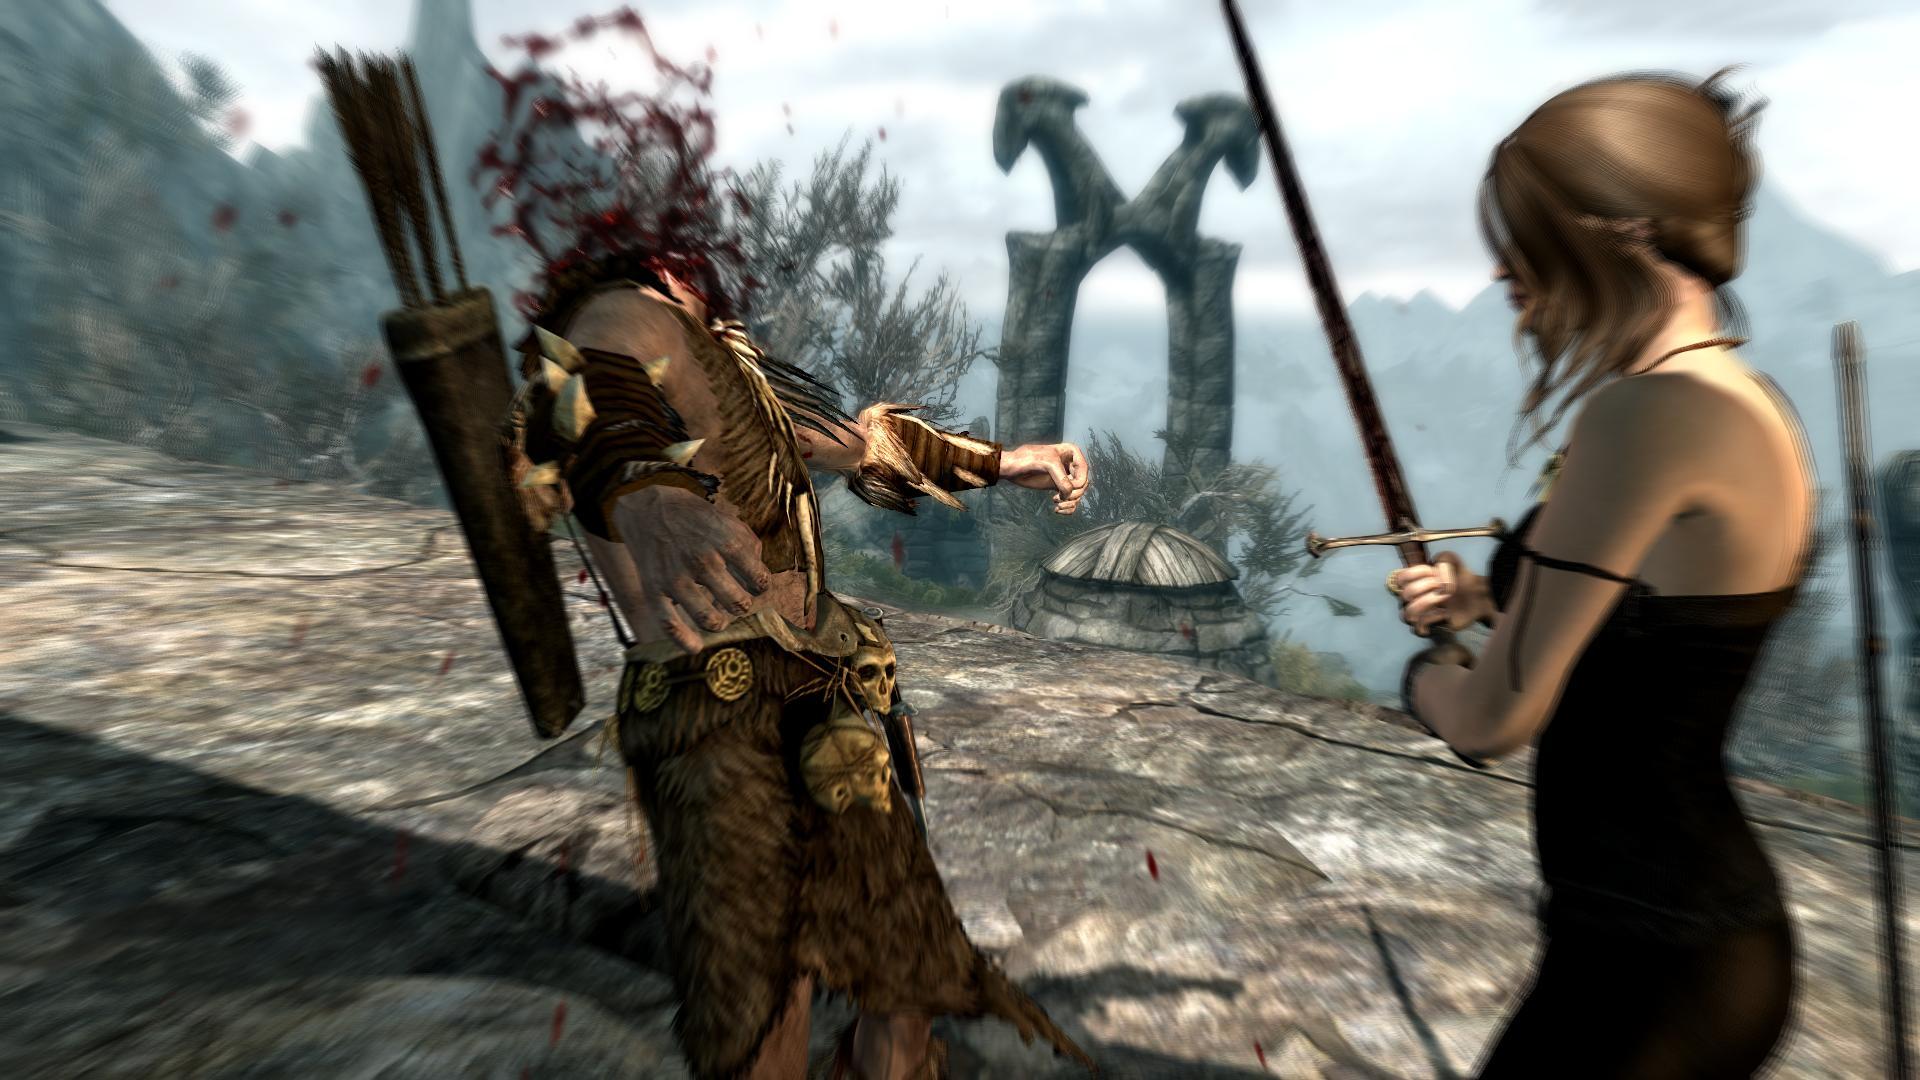 TESV_original 2014-01-08 15-51-03-32.jpg - Elder Scrolls 5: Skyrim, the